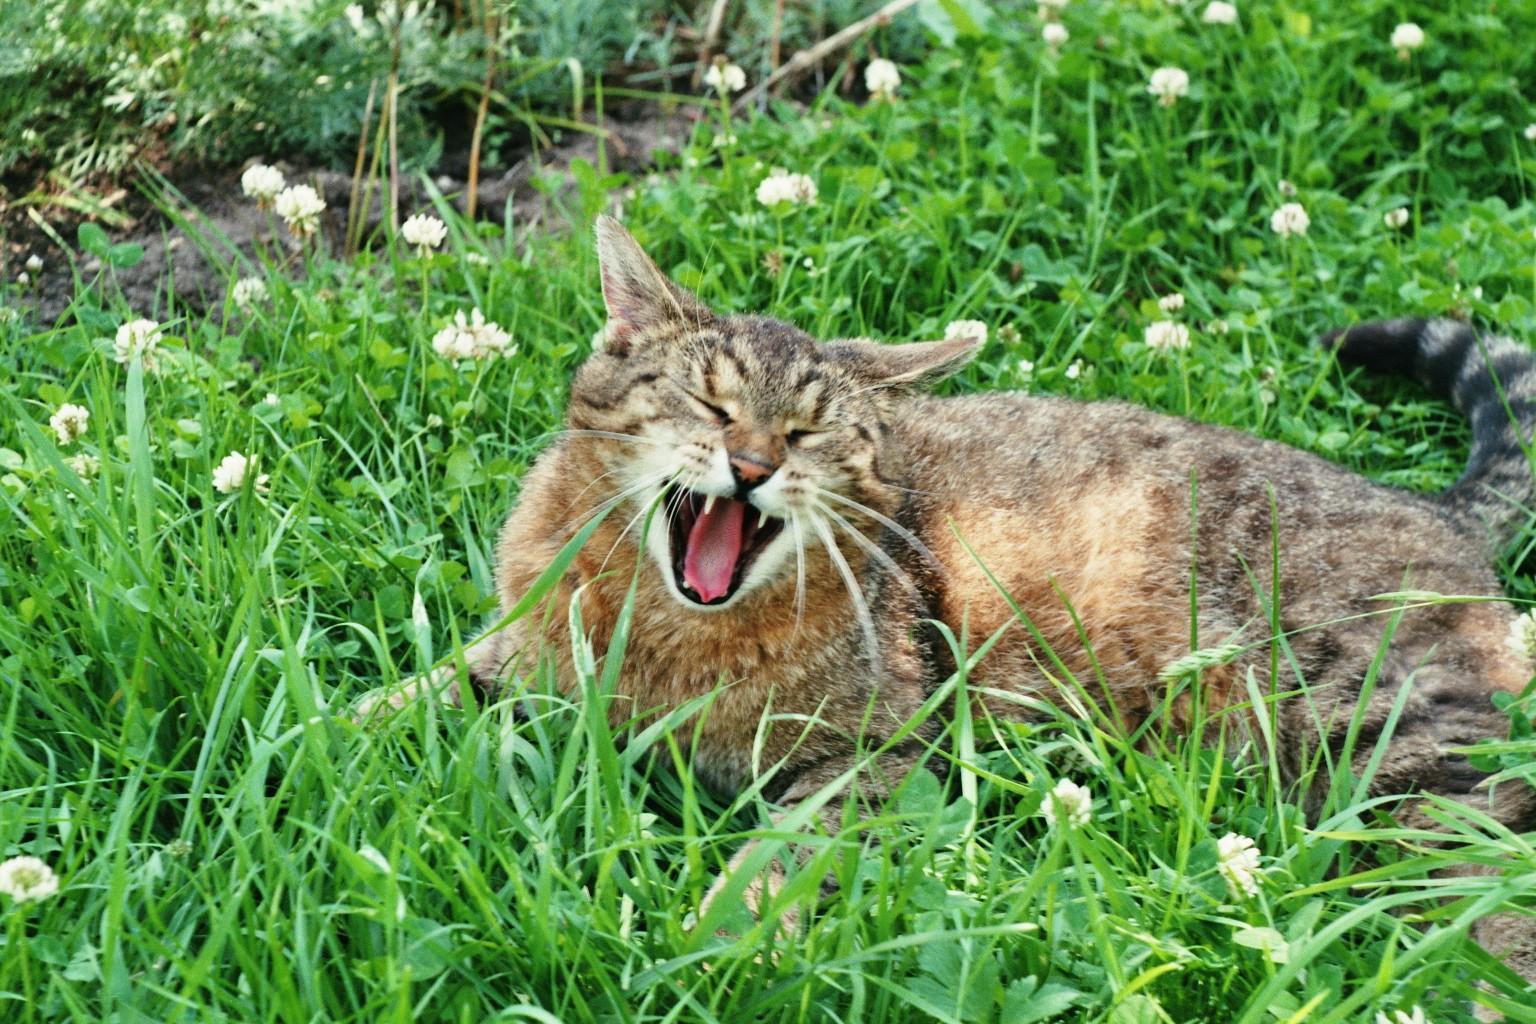 Katzen Gras